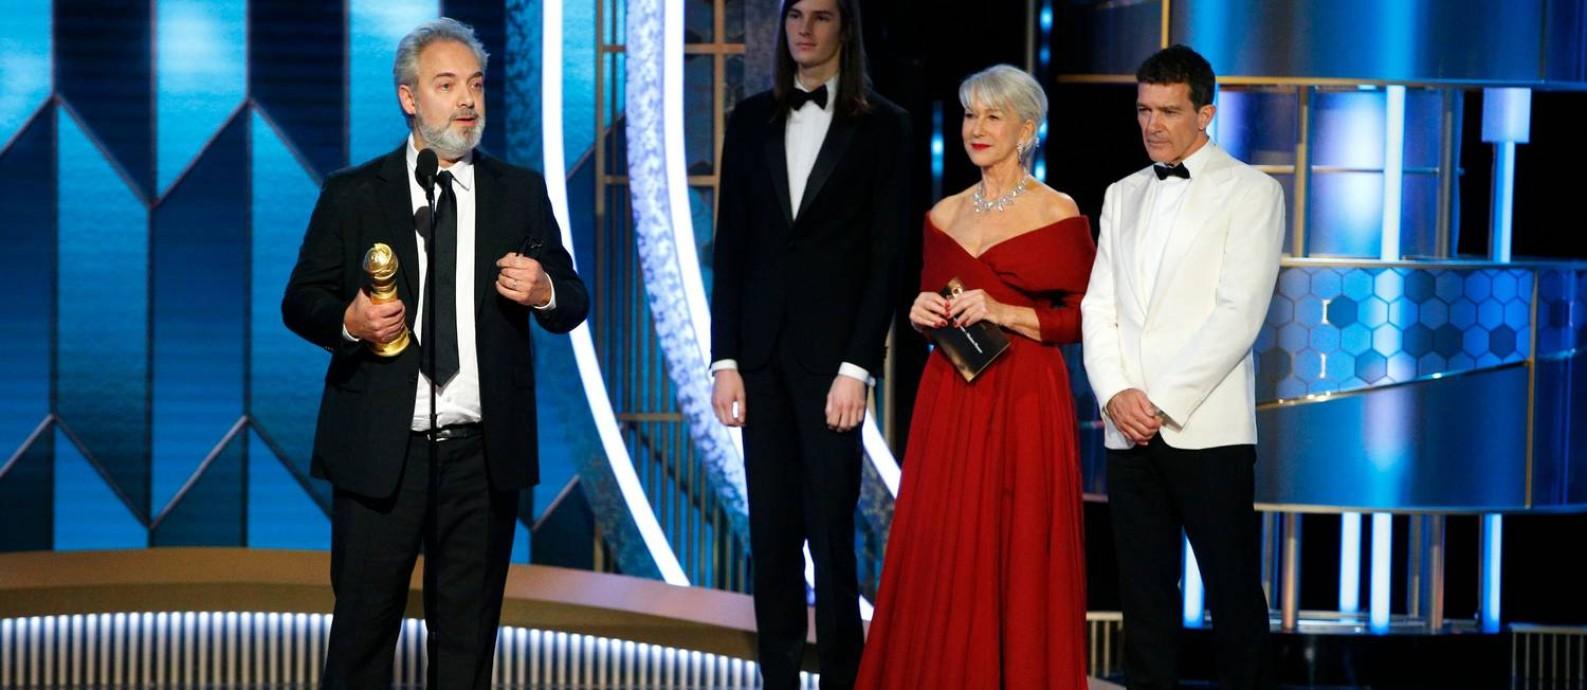 Sam Mendes, premiado pela direção do filme 1917, segura seu troféu ao lado da atriz Helen Mirren. Ele ainda faturou melhor filme de drama, desbancando duas vezes Scorsese Foto: REUTERS